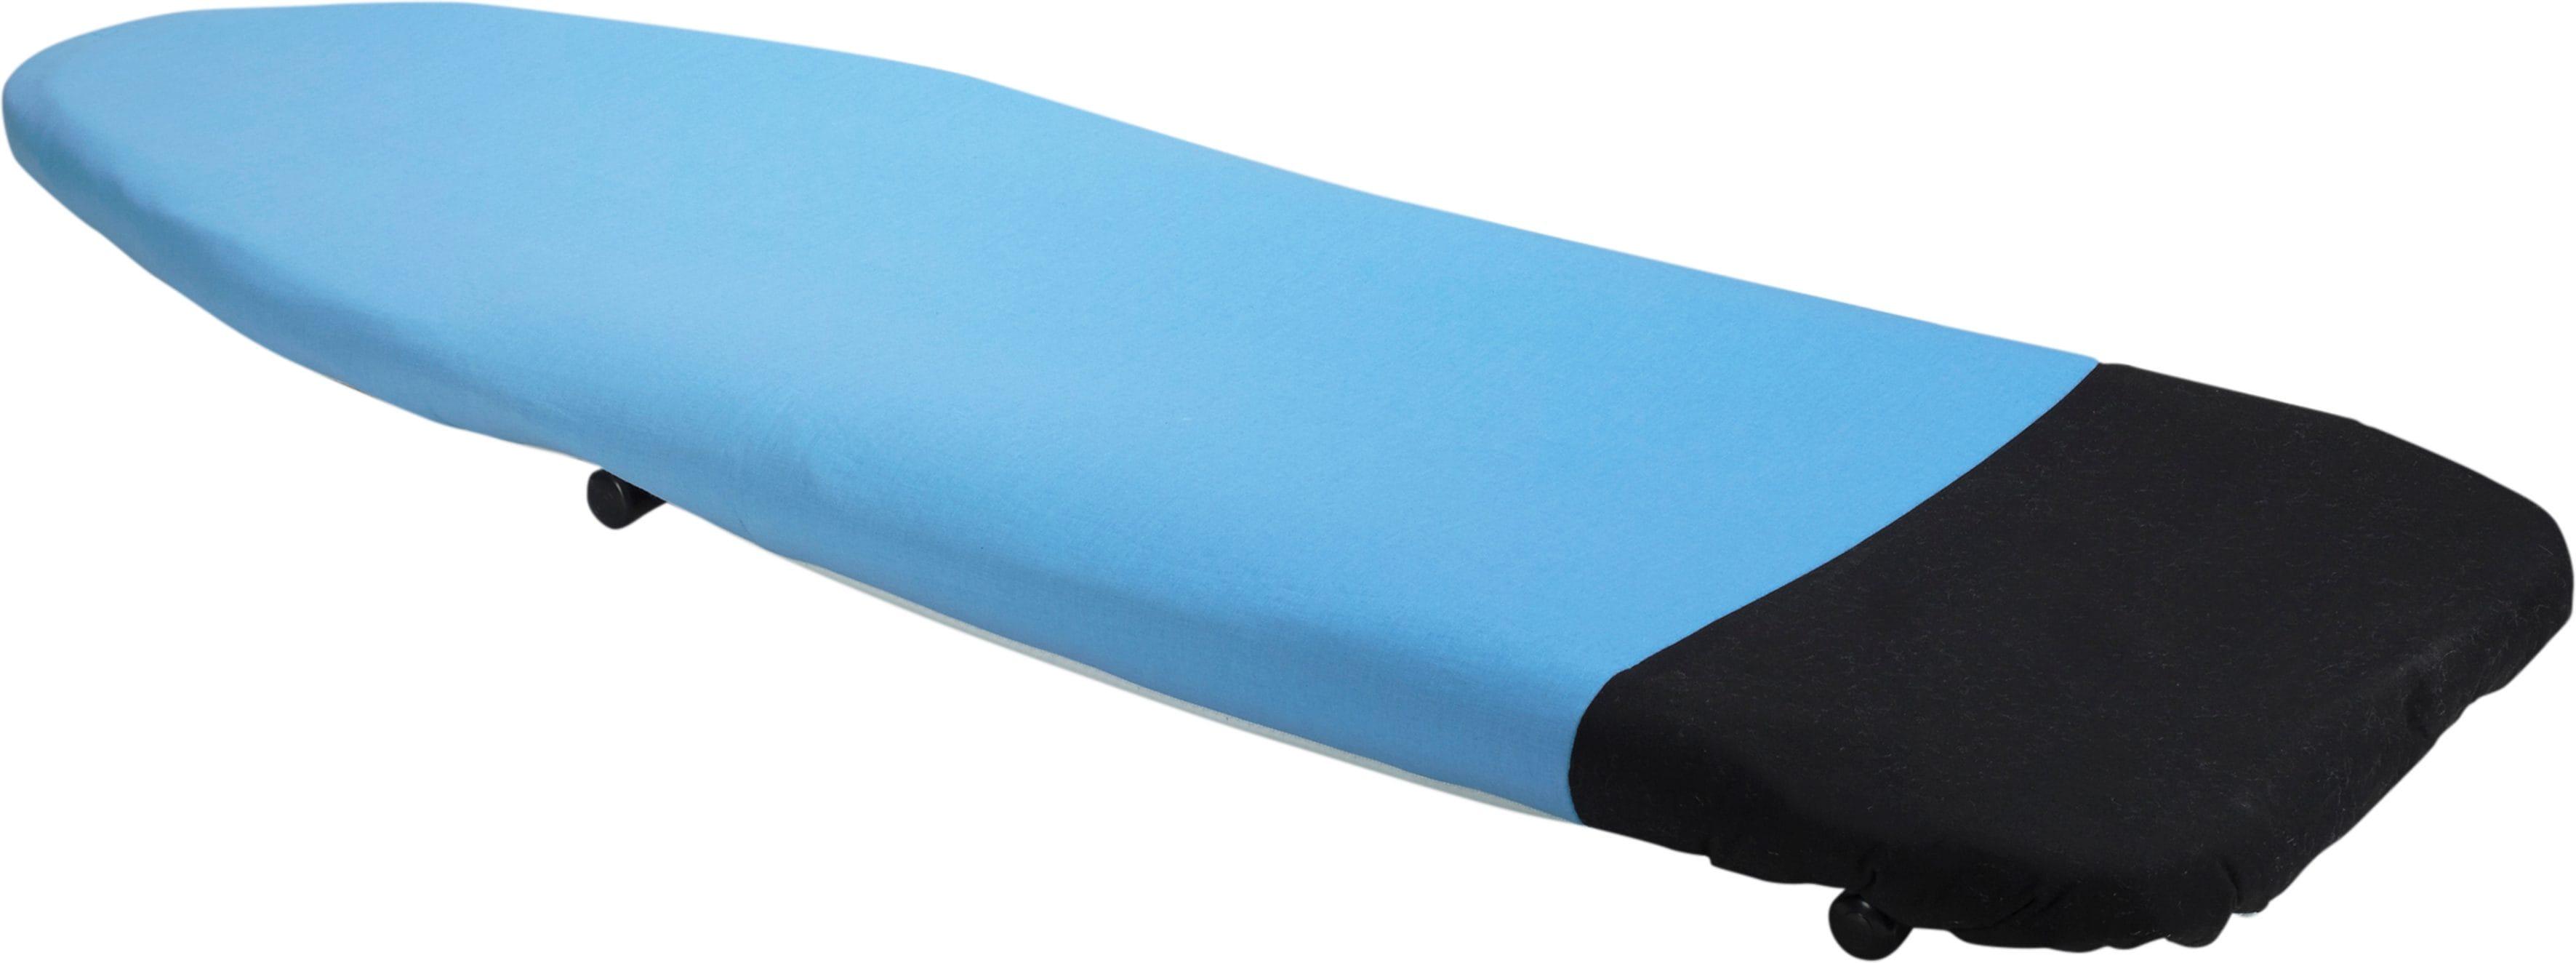 knittax Tischbügelbrett CBT 10 Bügelfläche 120 x 40 cm   Flur & Diele > Haushaltsgeräte > Bügelbretter   Schwarz   Knittax